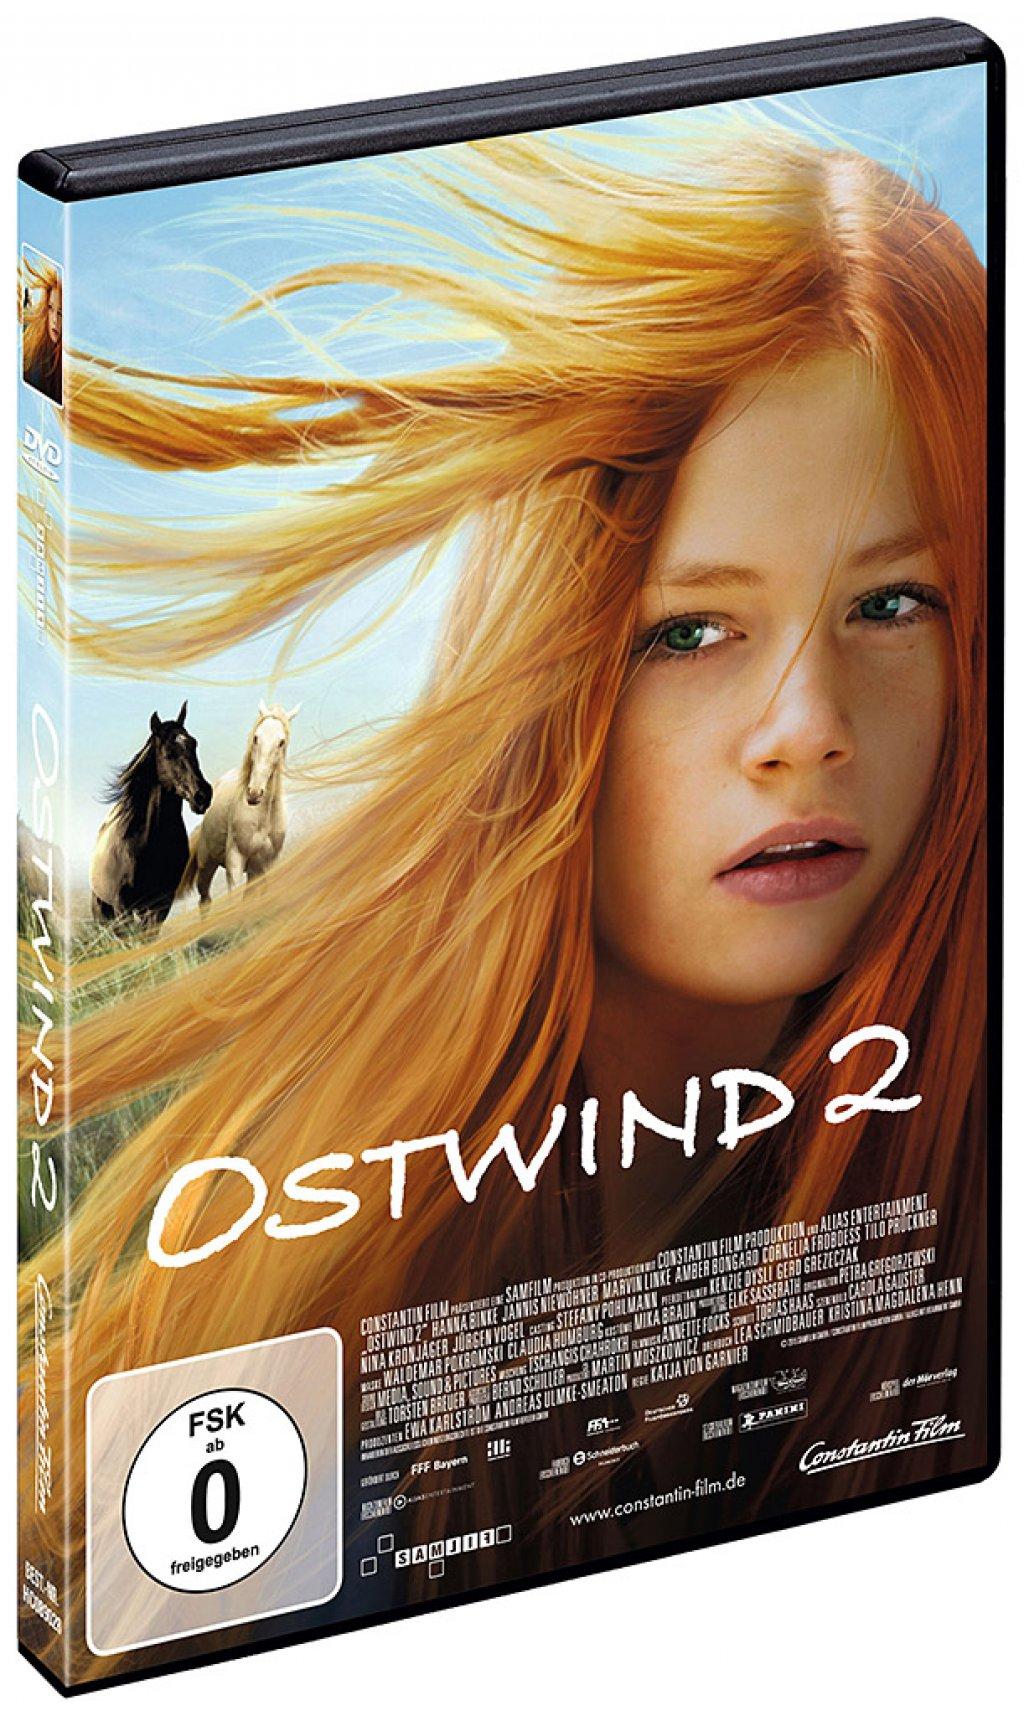 Ostwind 2 Dvd